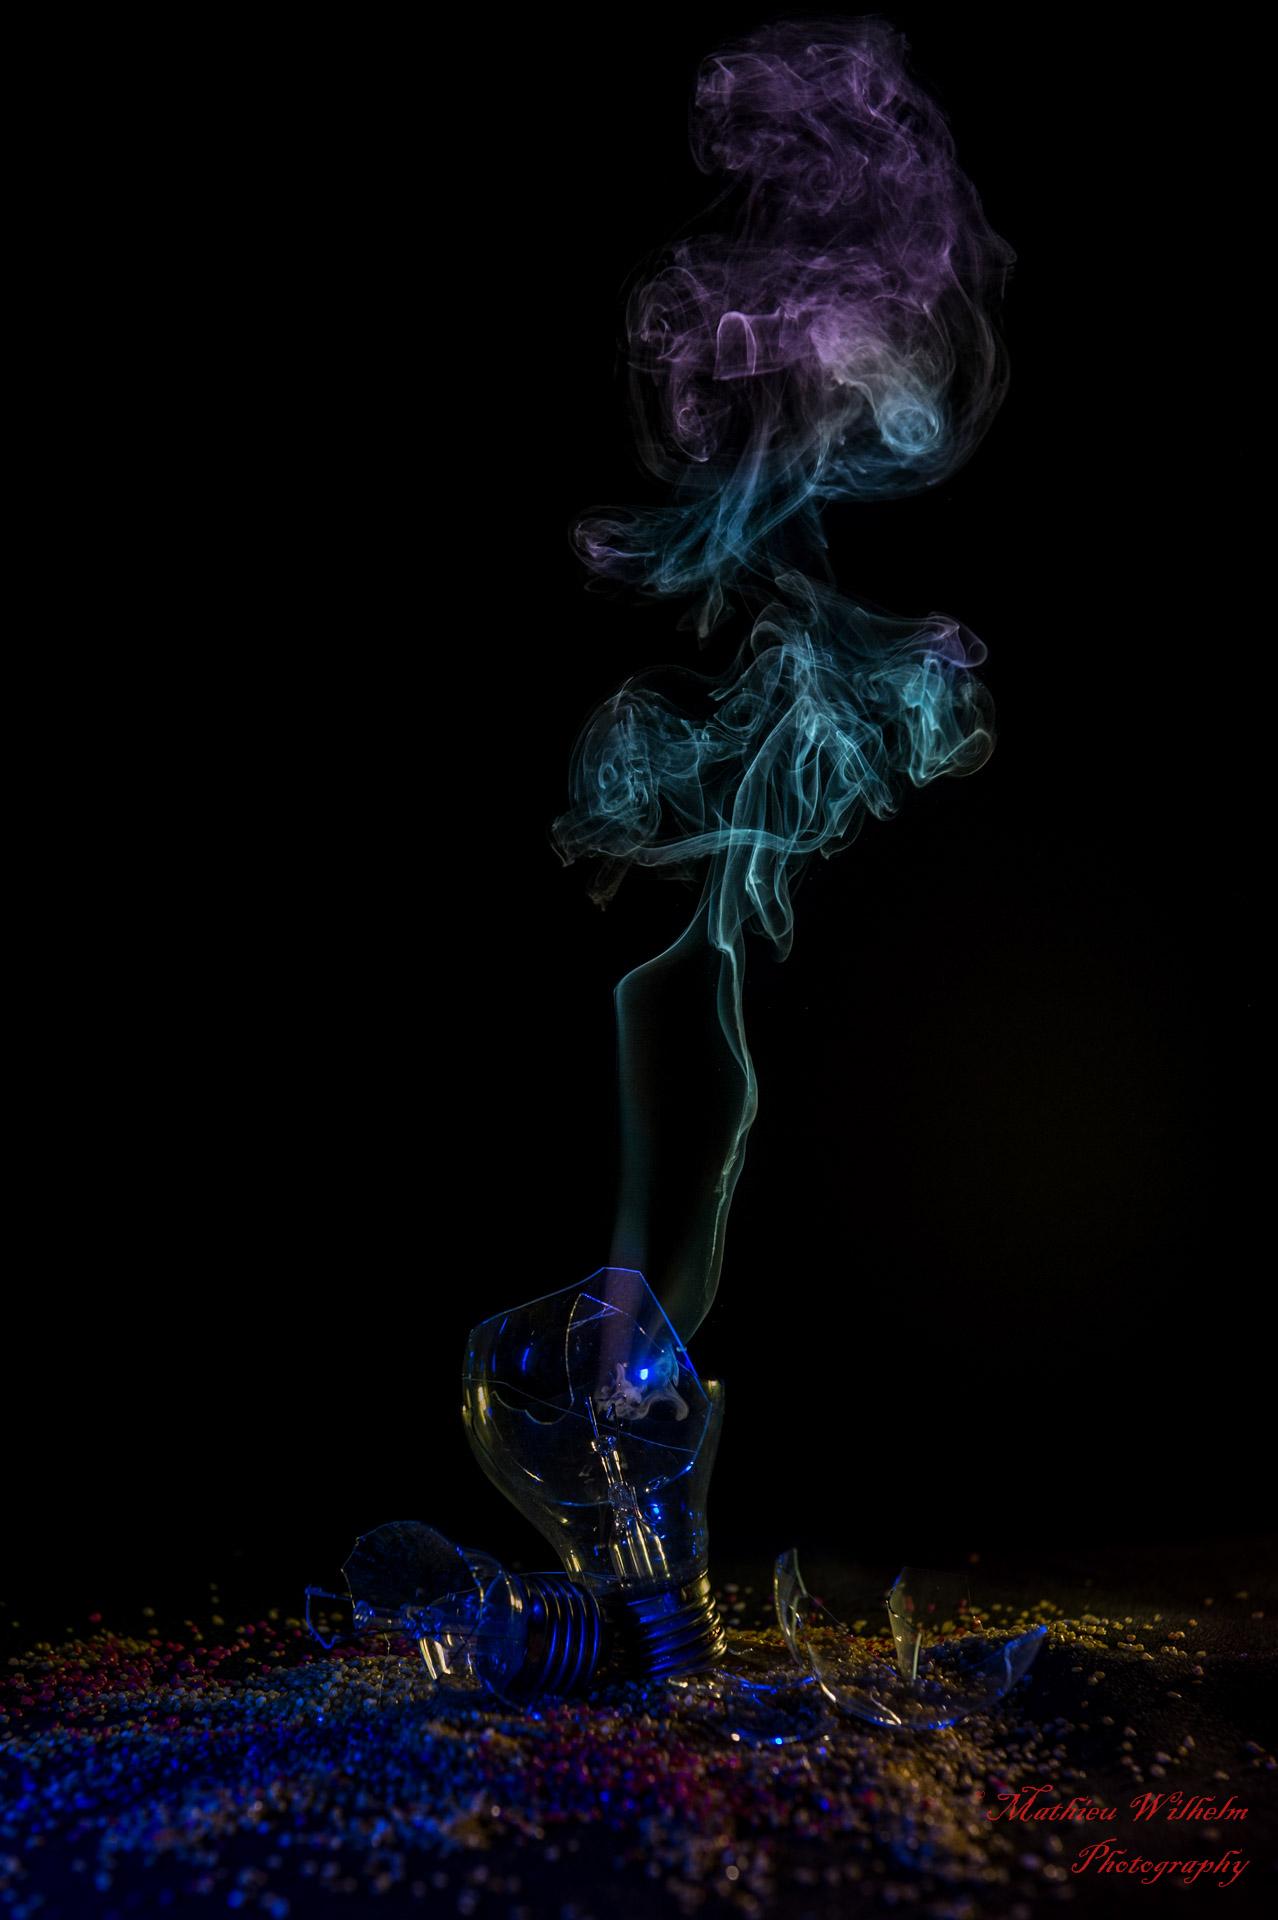 2018-11-28 Ampoules fumantes (2)